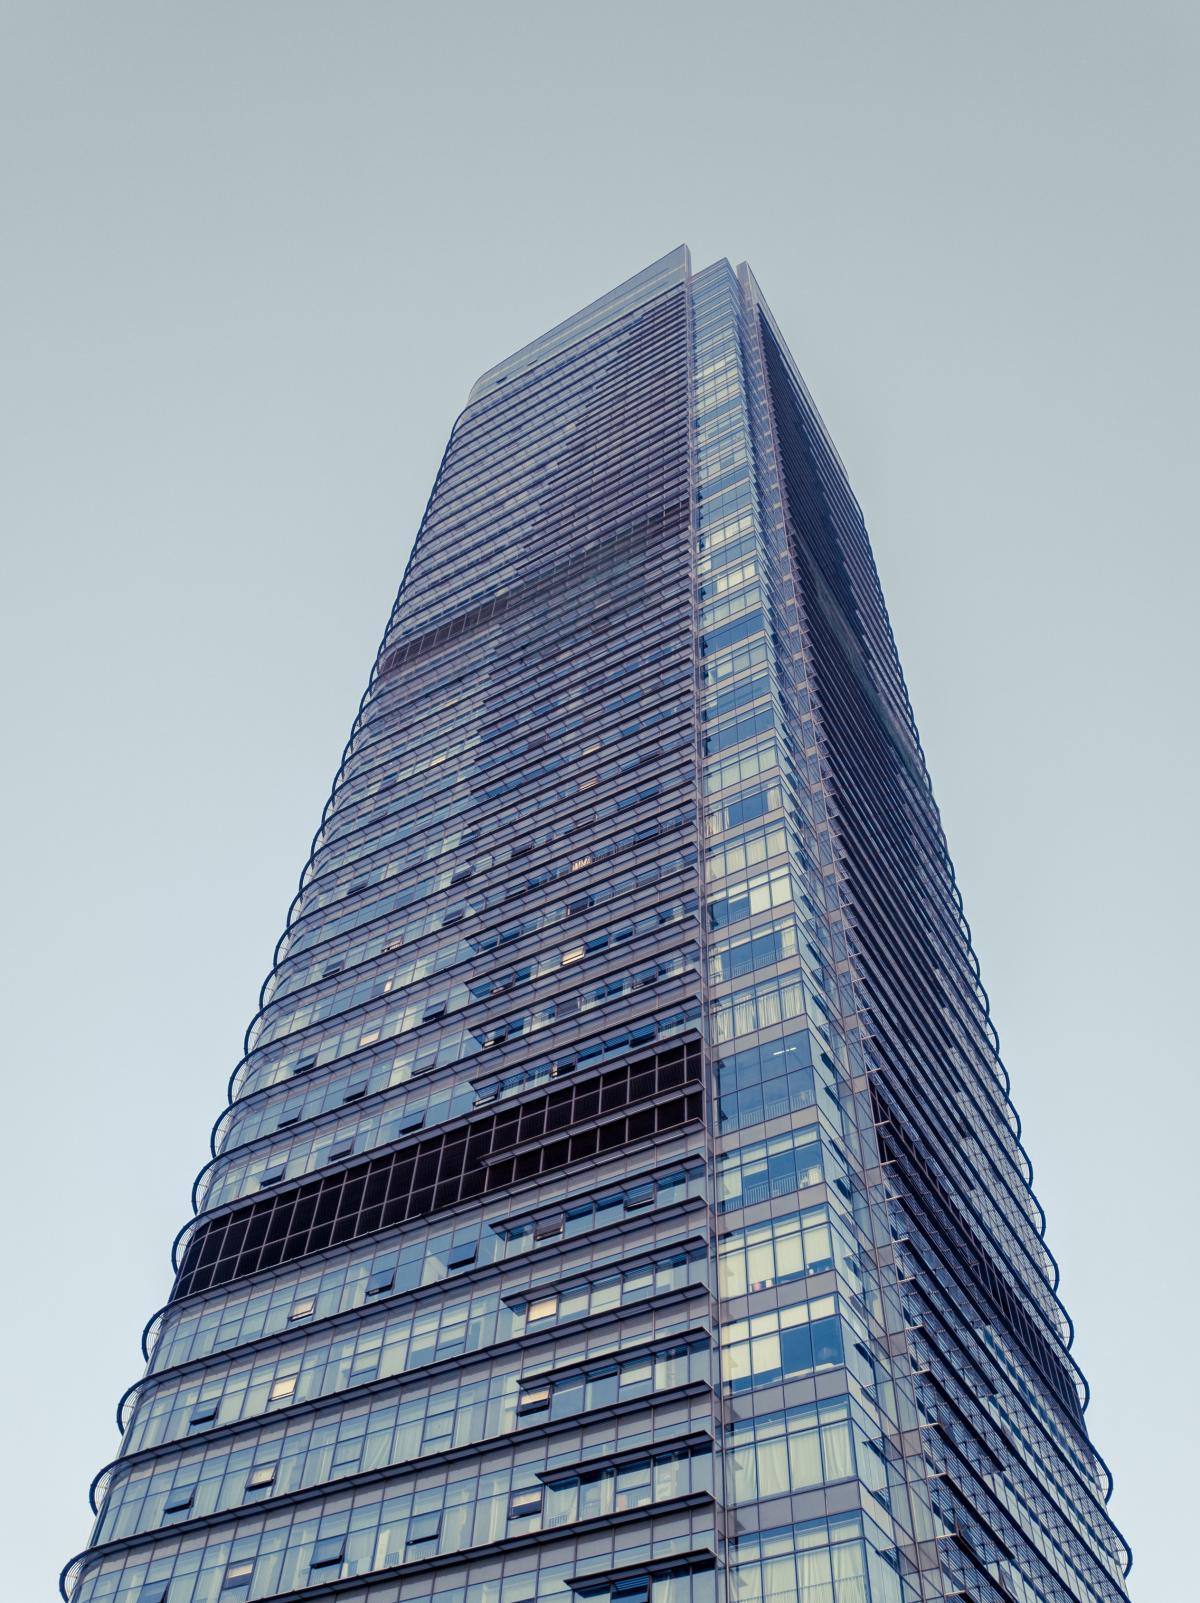 Skyscraper Office City #424713